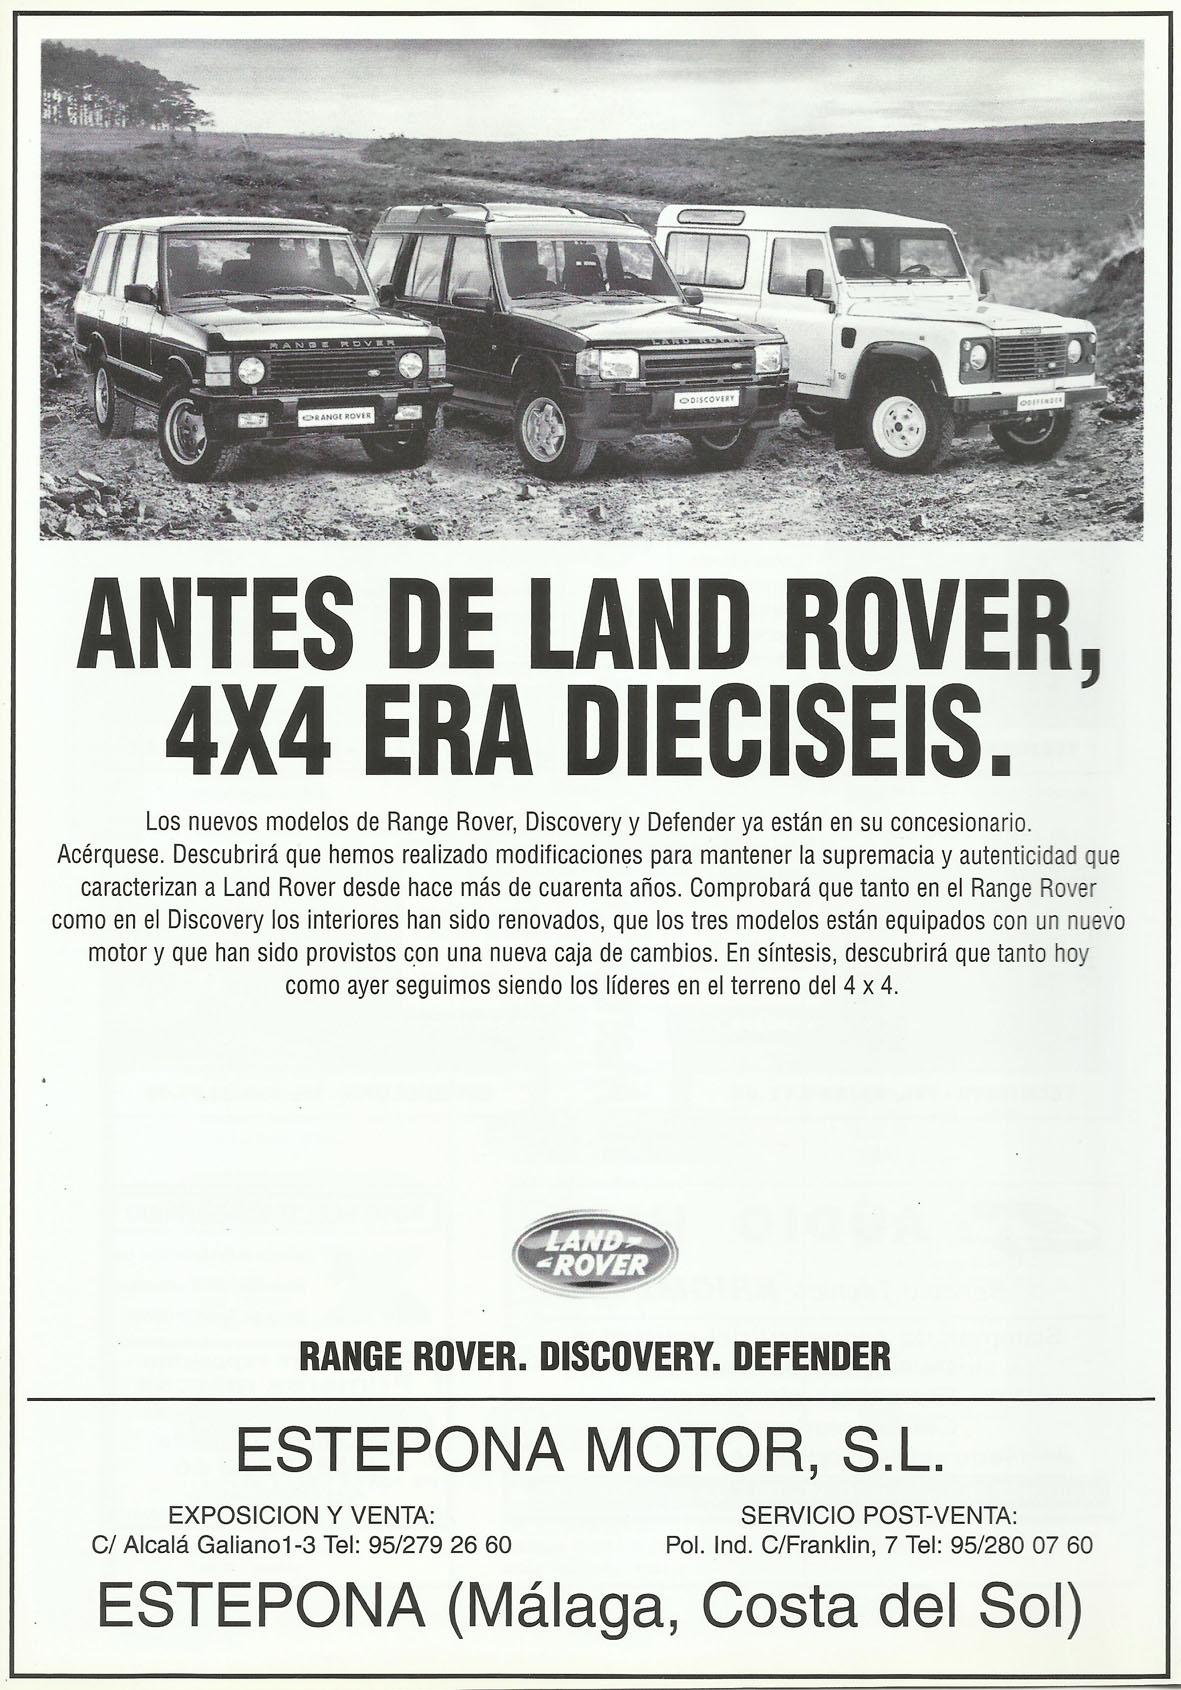 Revista Local 4x4 32 24 Publicidad Land Rover Estepona Motor